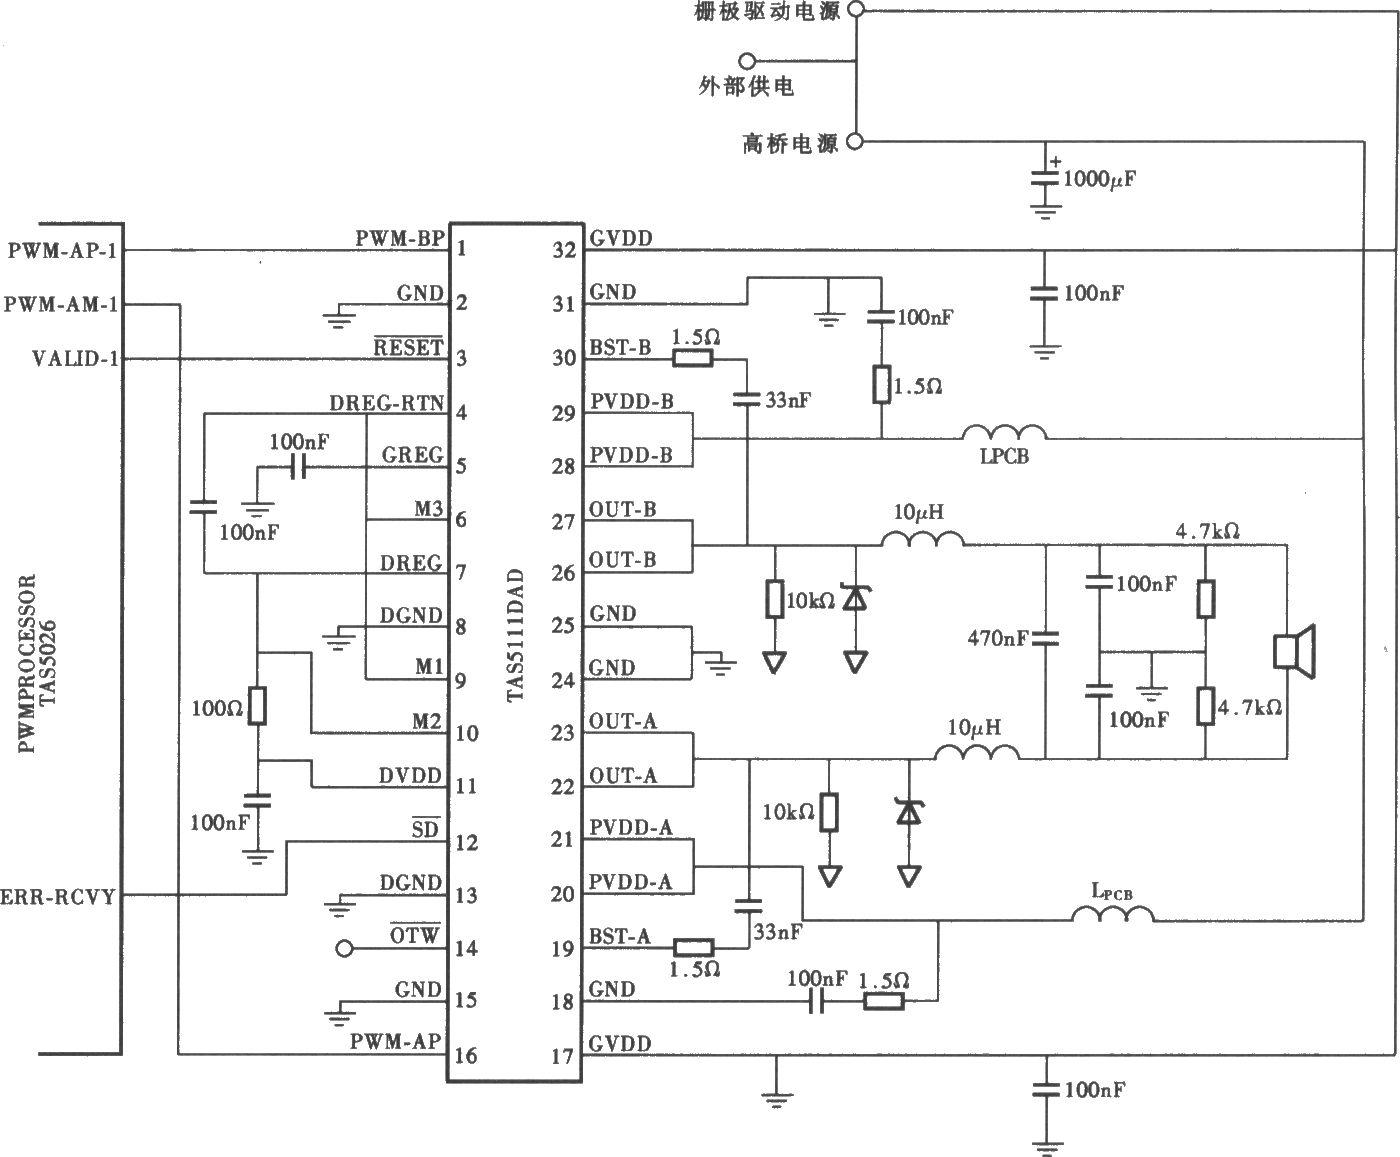 tas5111型数字功放电路